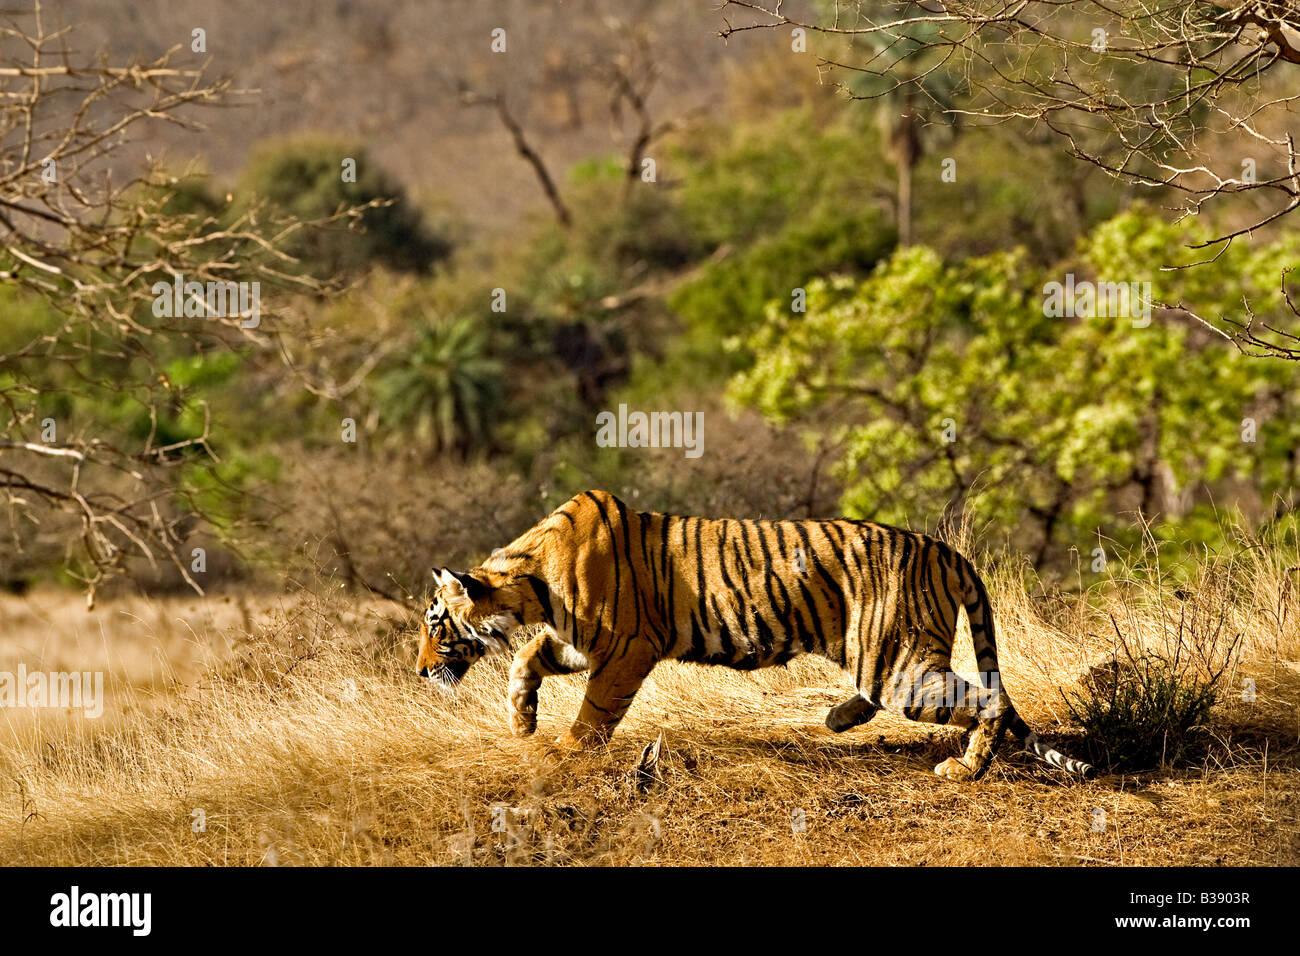 Wilden Bengal Tiger Stalking In Seinem Natürlichen Lebensraum